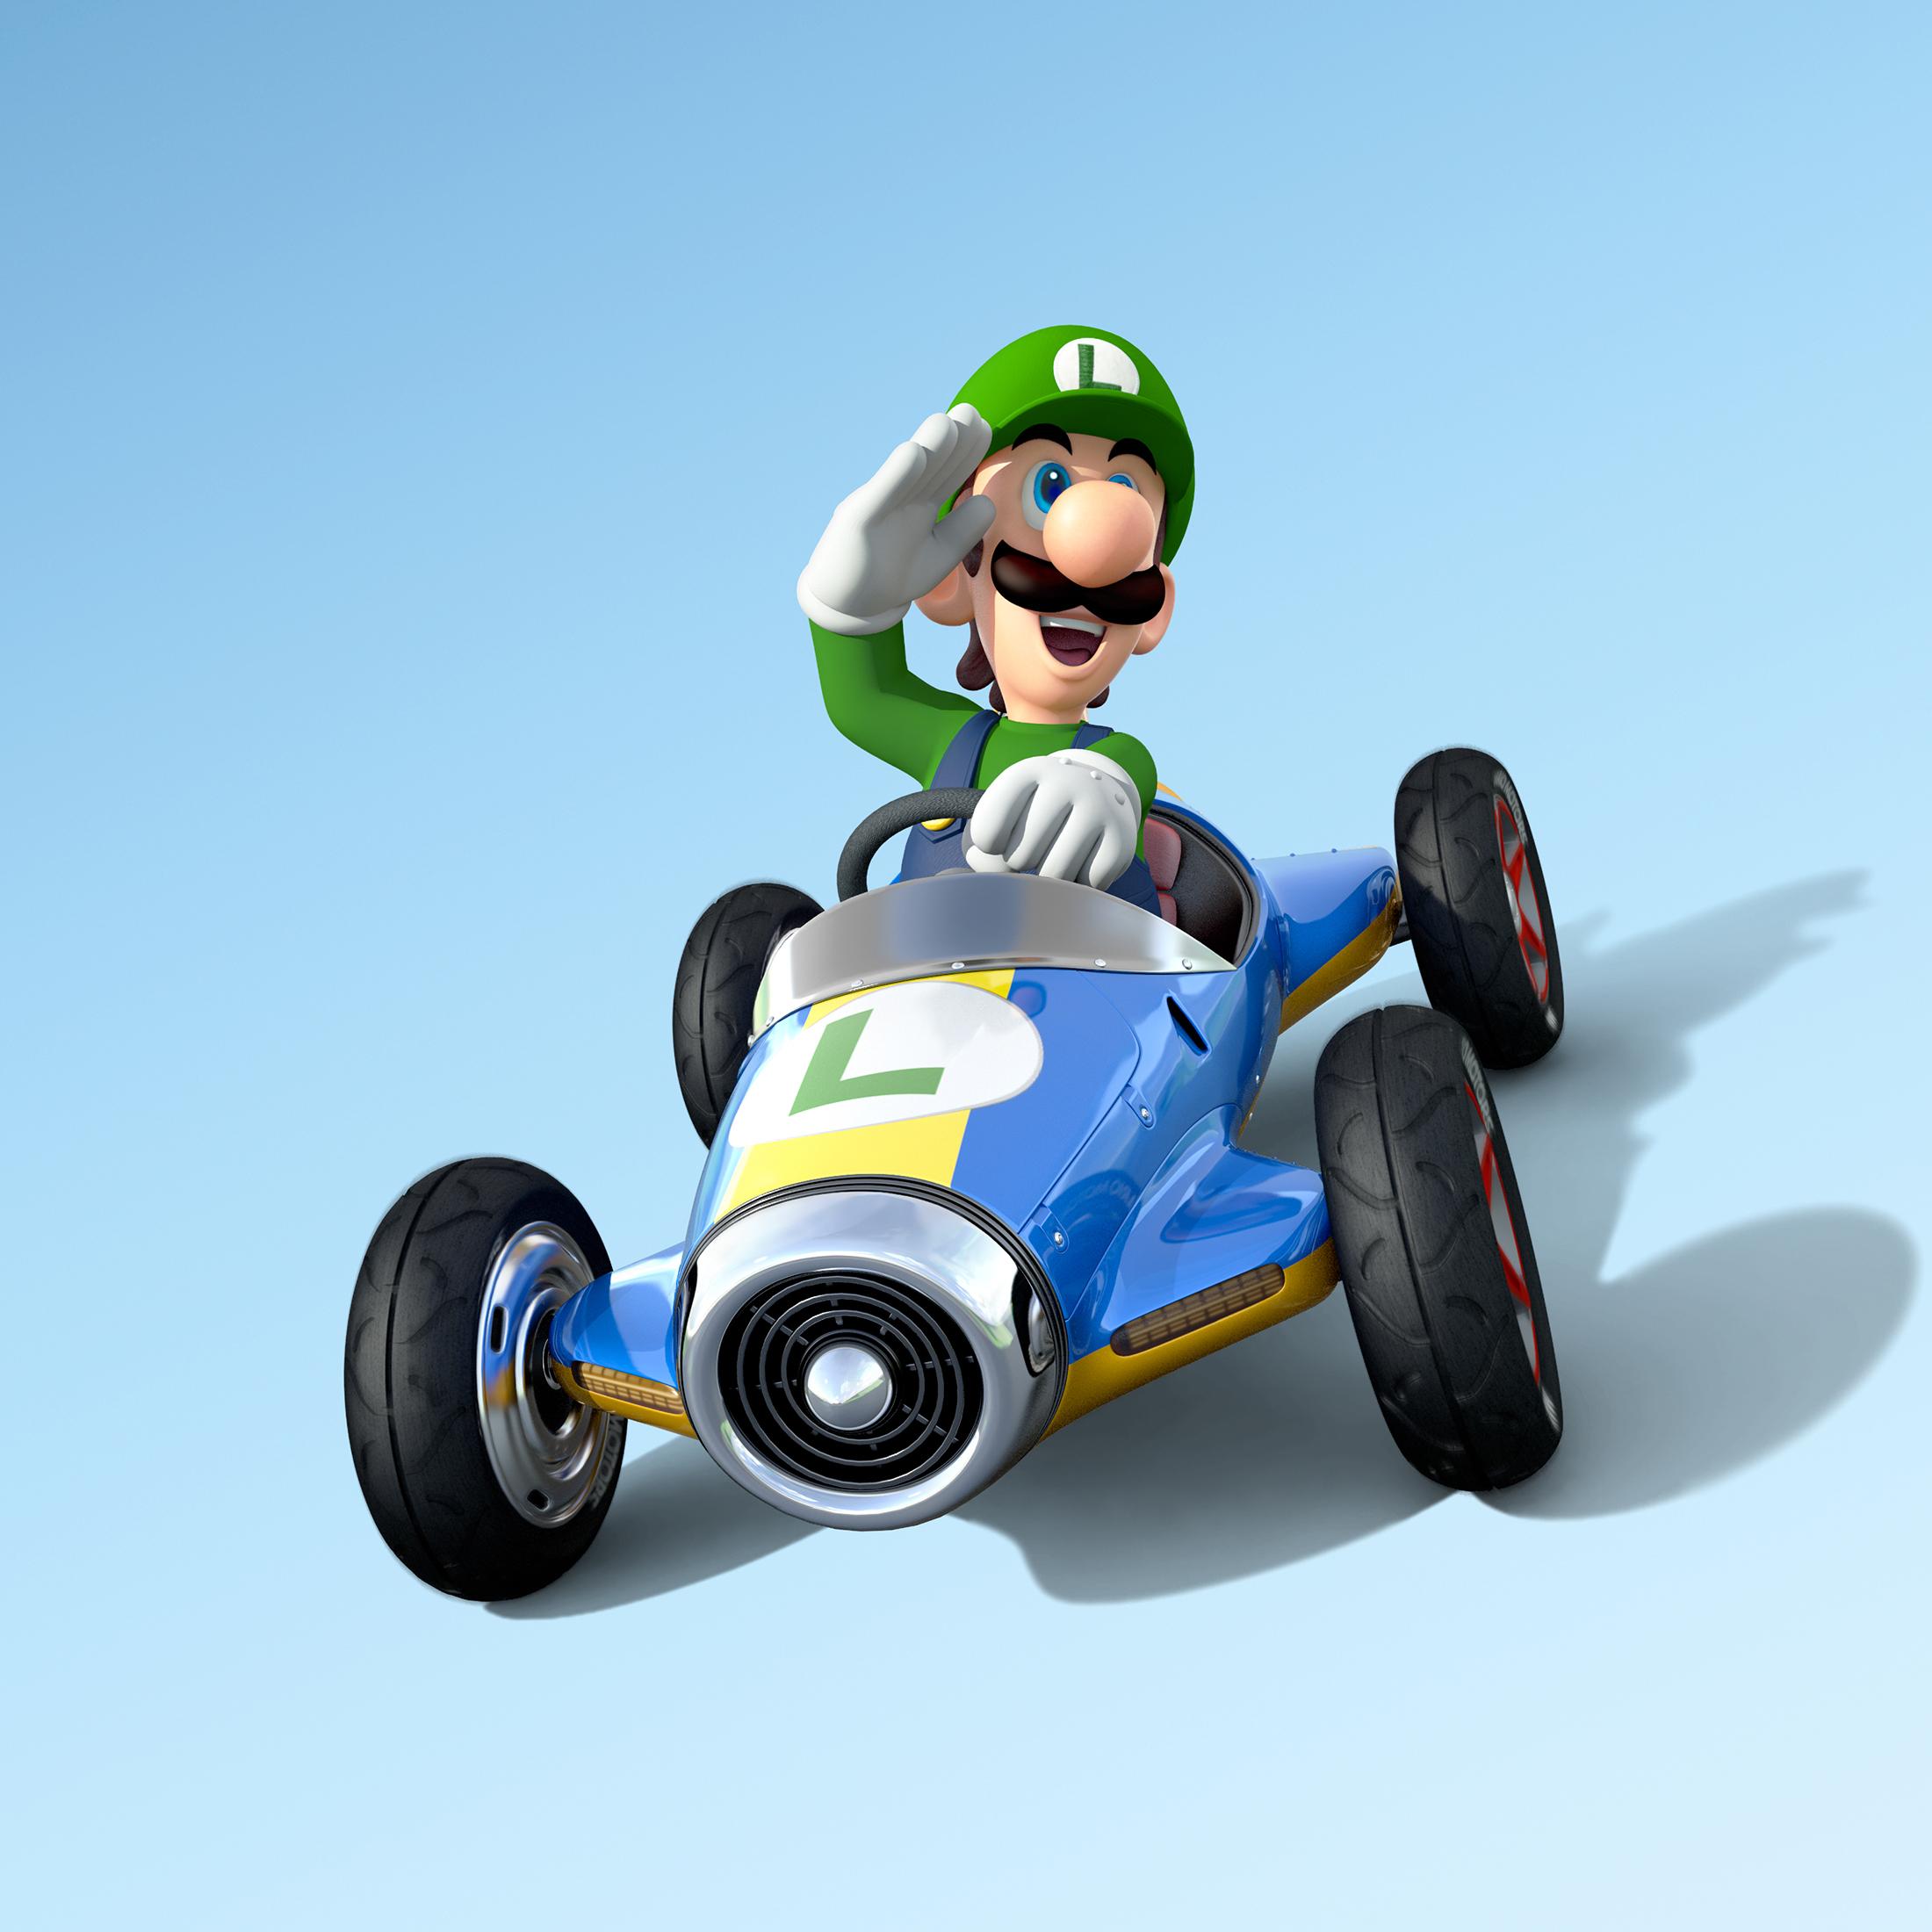 30. května přifrčí Mario Kart 8 93482